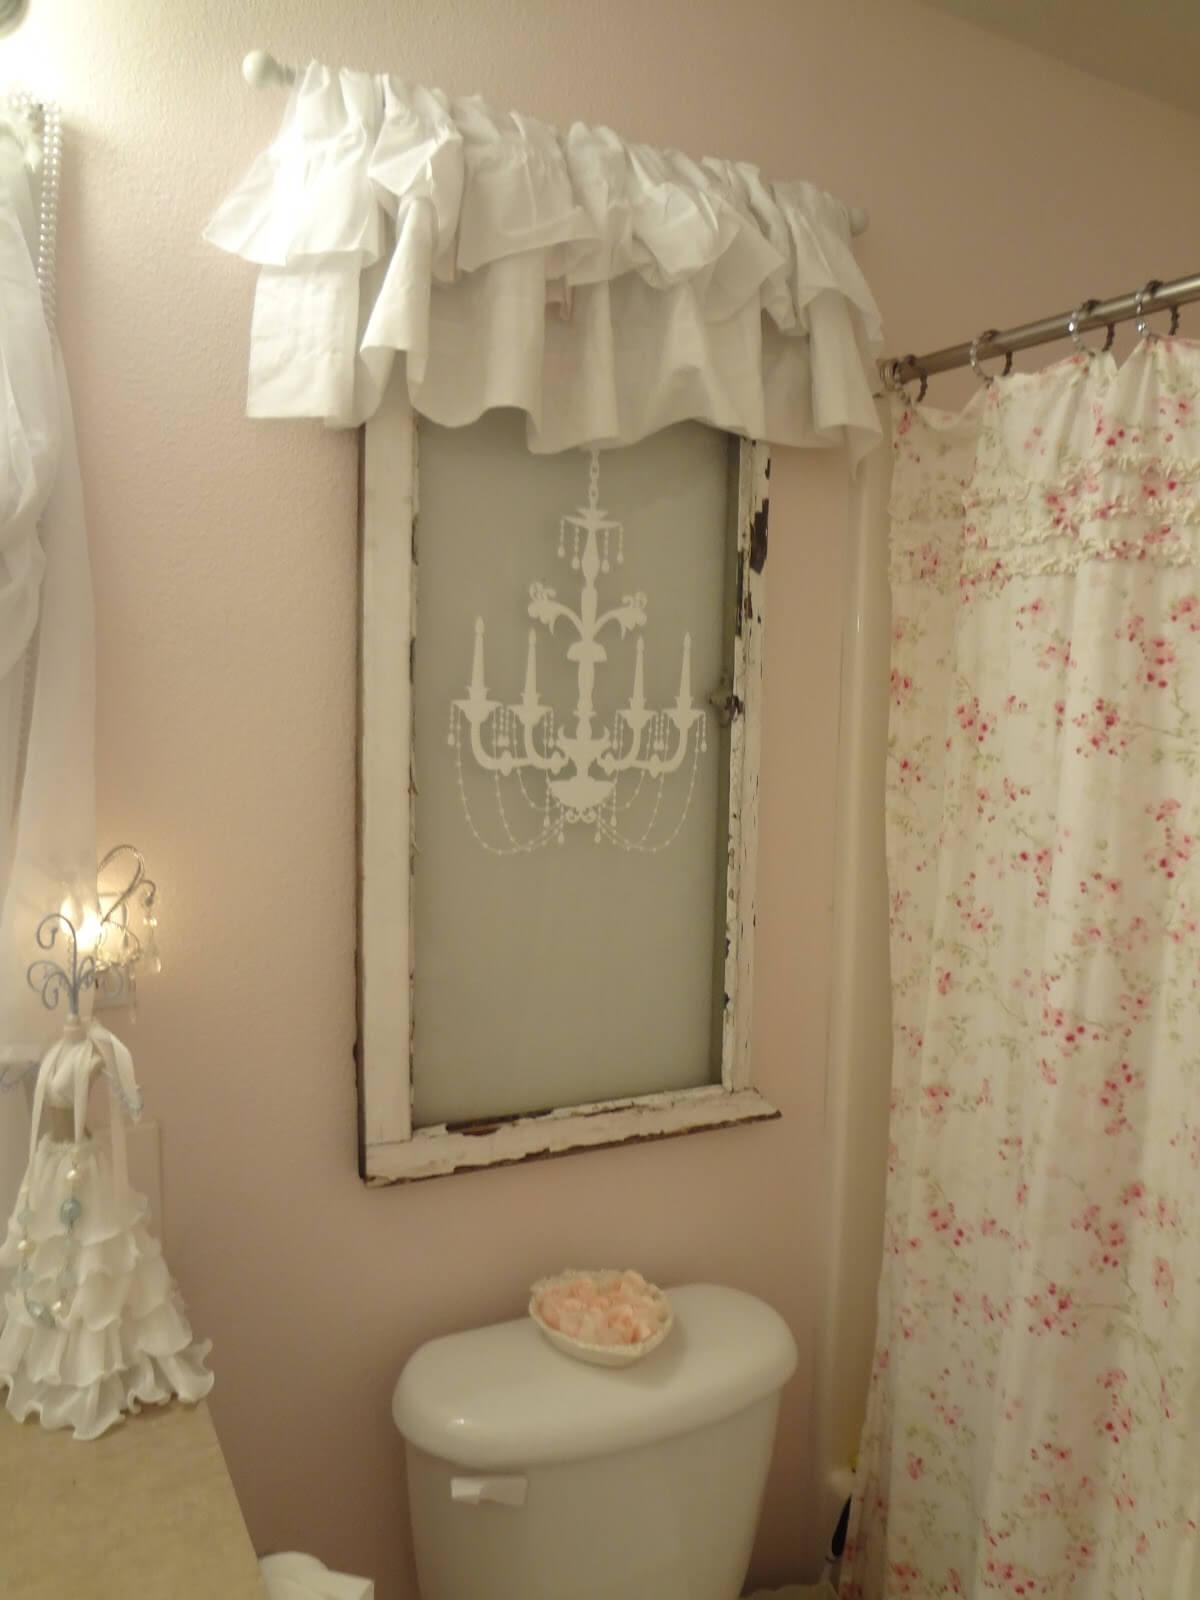 Nel bagno shabby chic il box doccia diventa una sorta di nota stonata. 28 Best Shabby Chic Bathroom Ideas And Designs For 2021